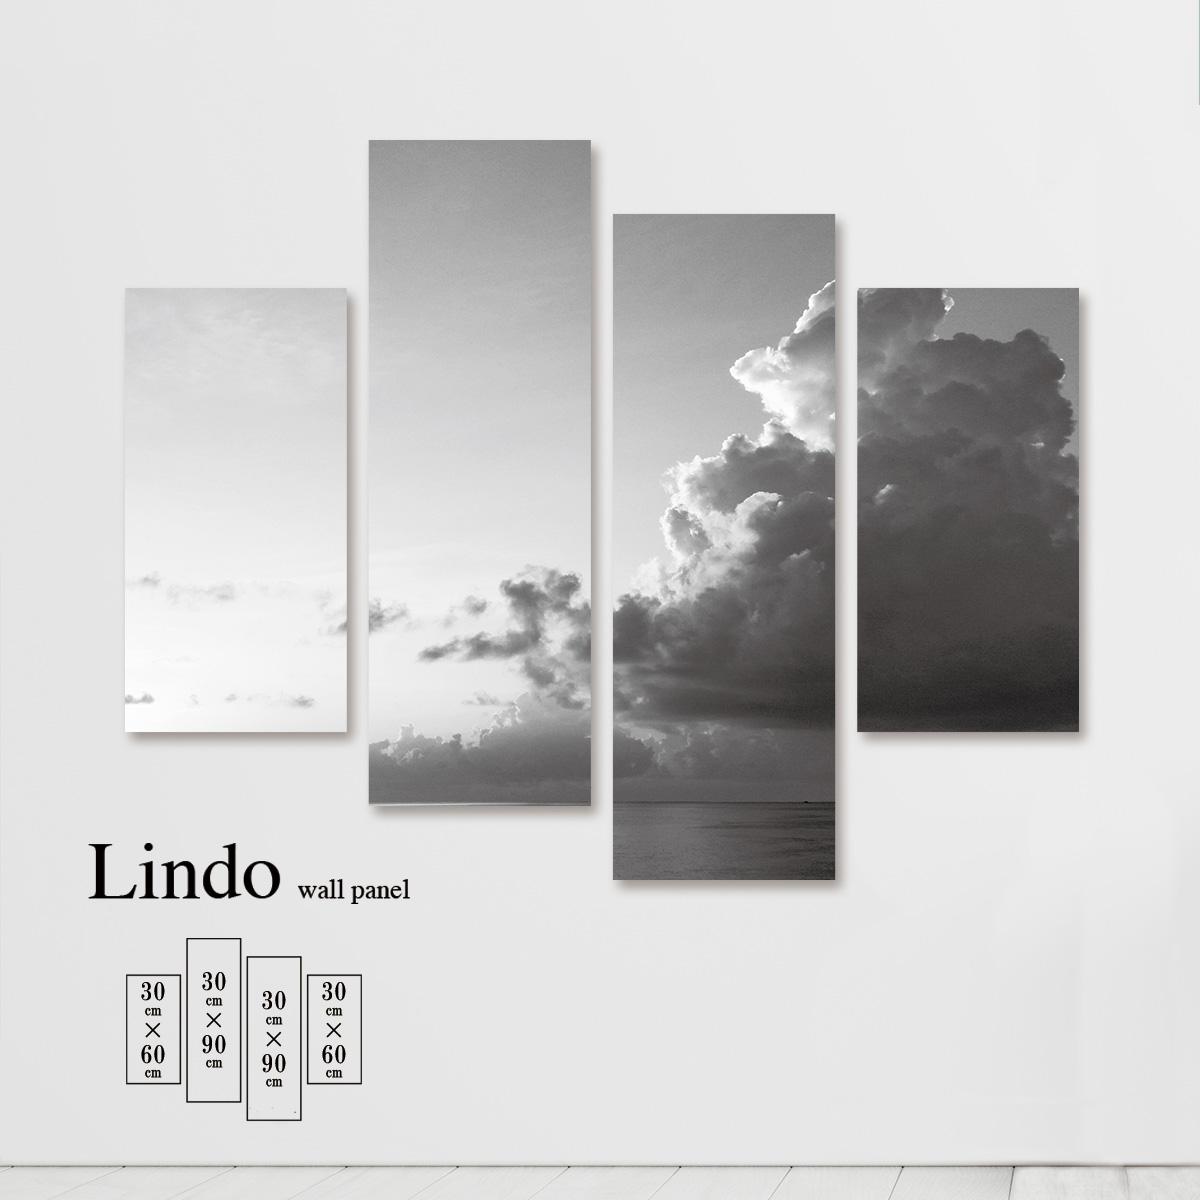 アートパネル モノトーン モノクロ 白黒 かっこいい シック 雲 空 壁掛け 北欧 お洒落 デザイン ファブリック 壁飾り アートボード 4枚パネル